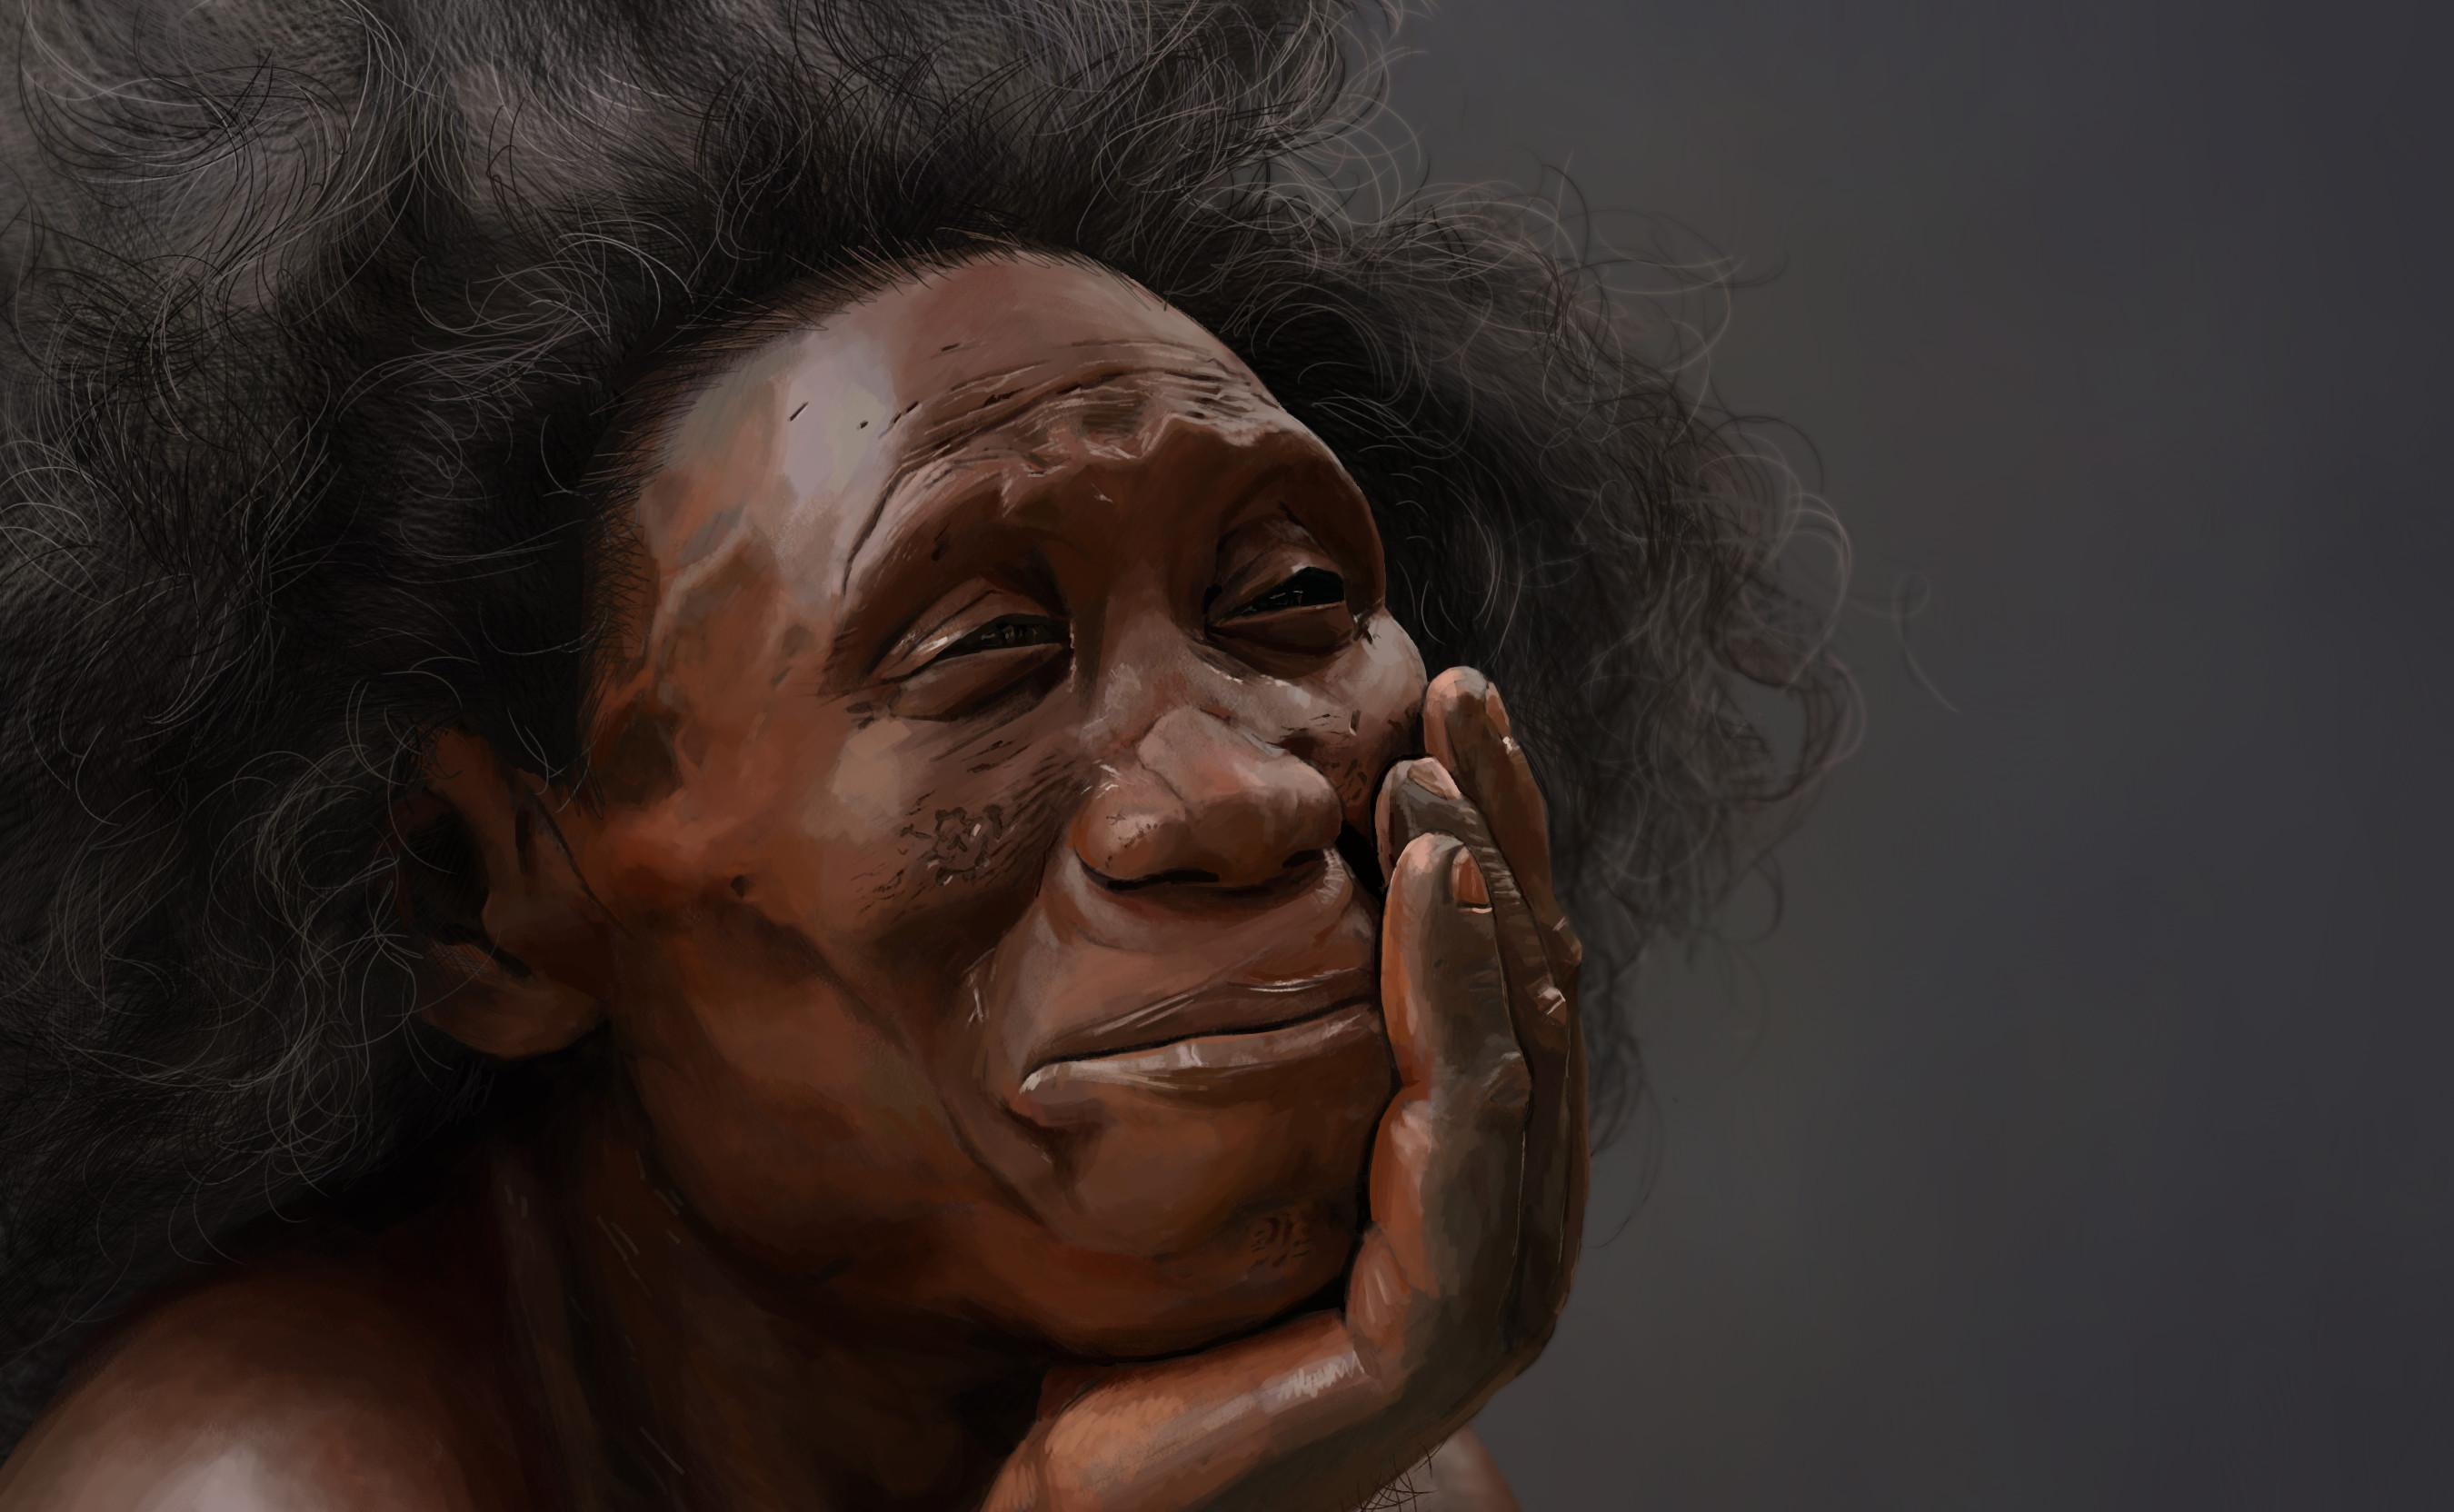 Островная лисица пролила свет на эволюцию Homo floresiensis